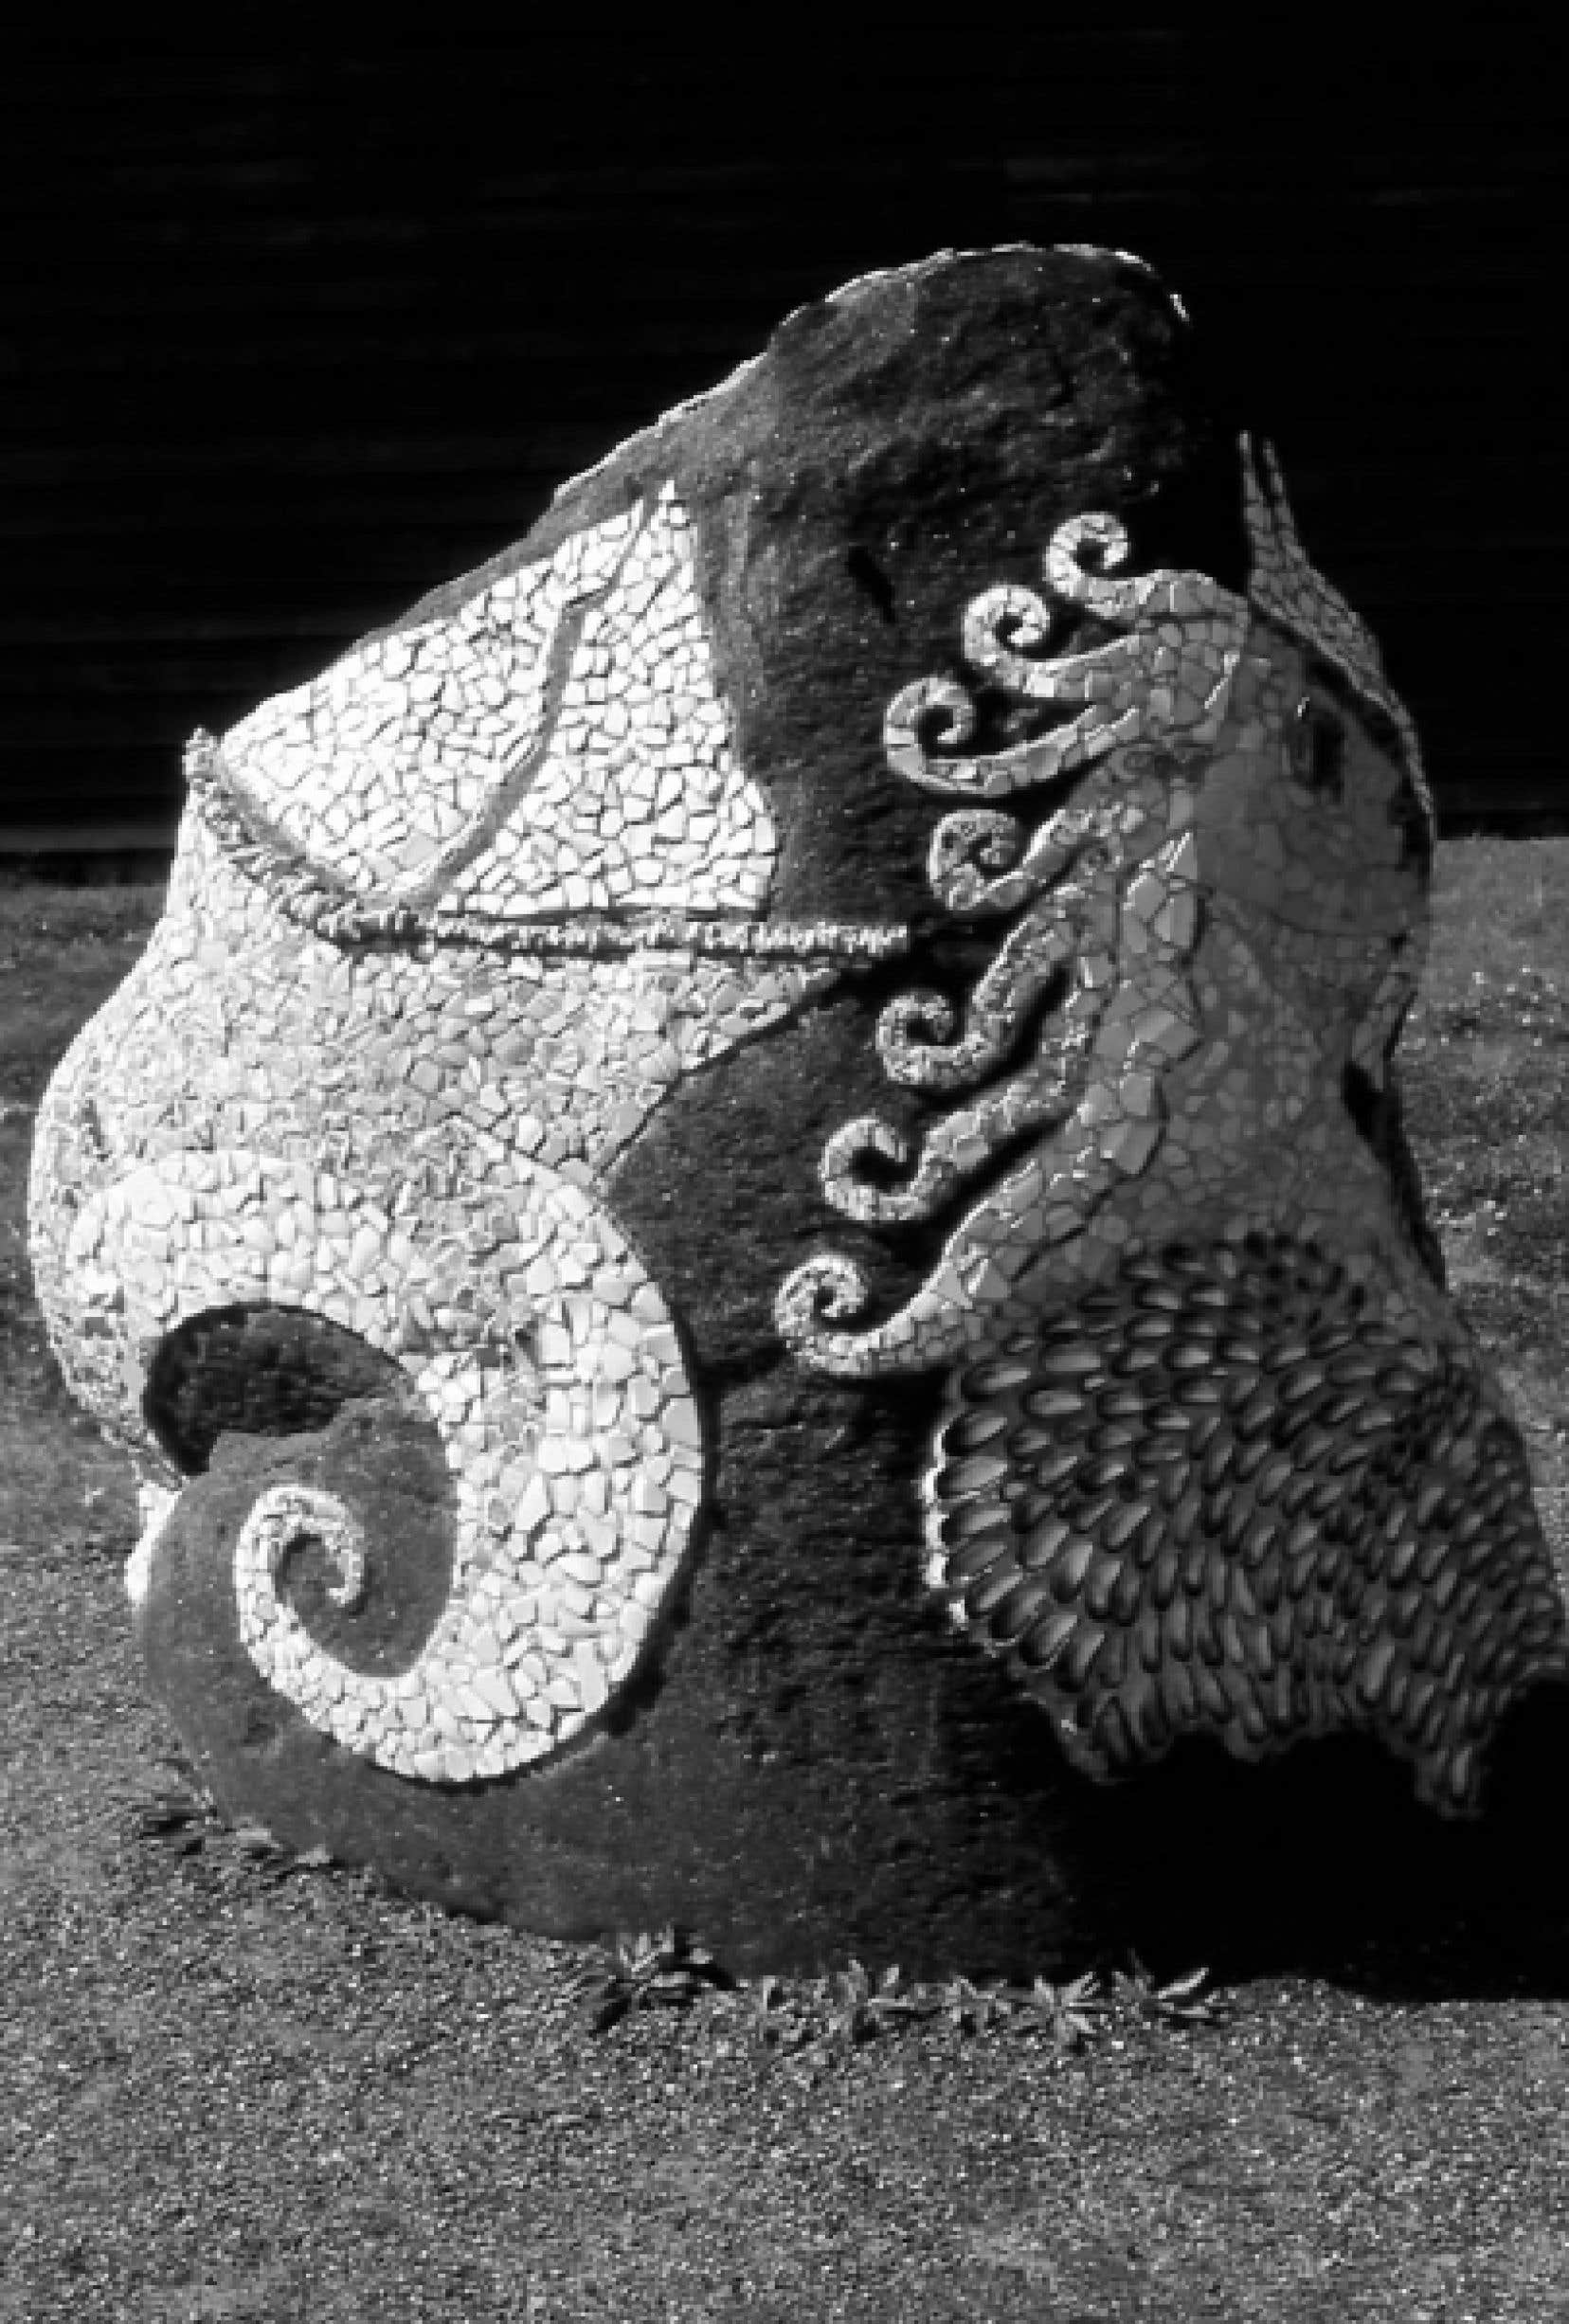 Les mosaïques de cette sculpture sont composées de morceaux de vaisselle trouvée dans une épave.<br />